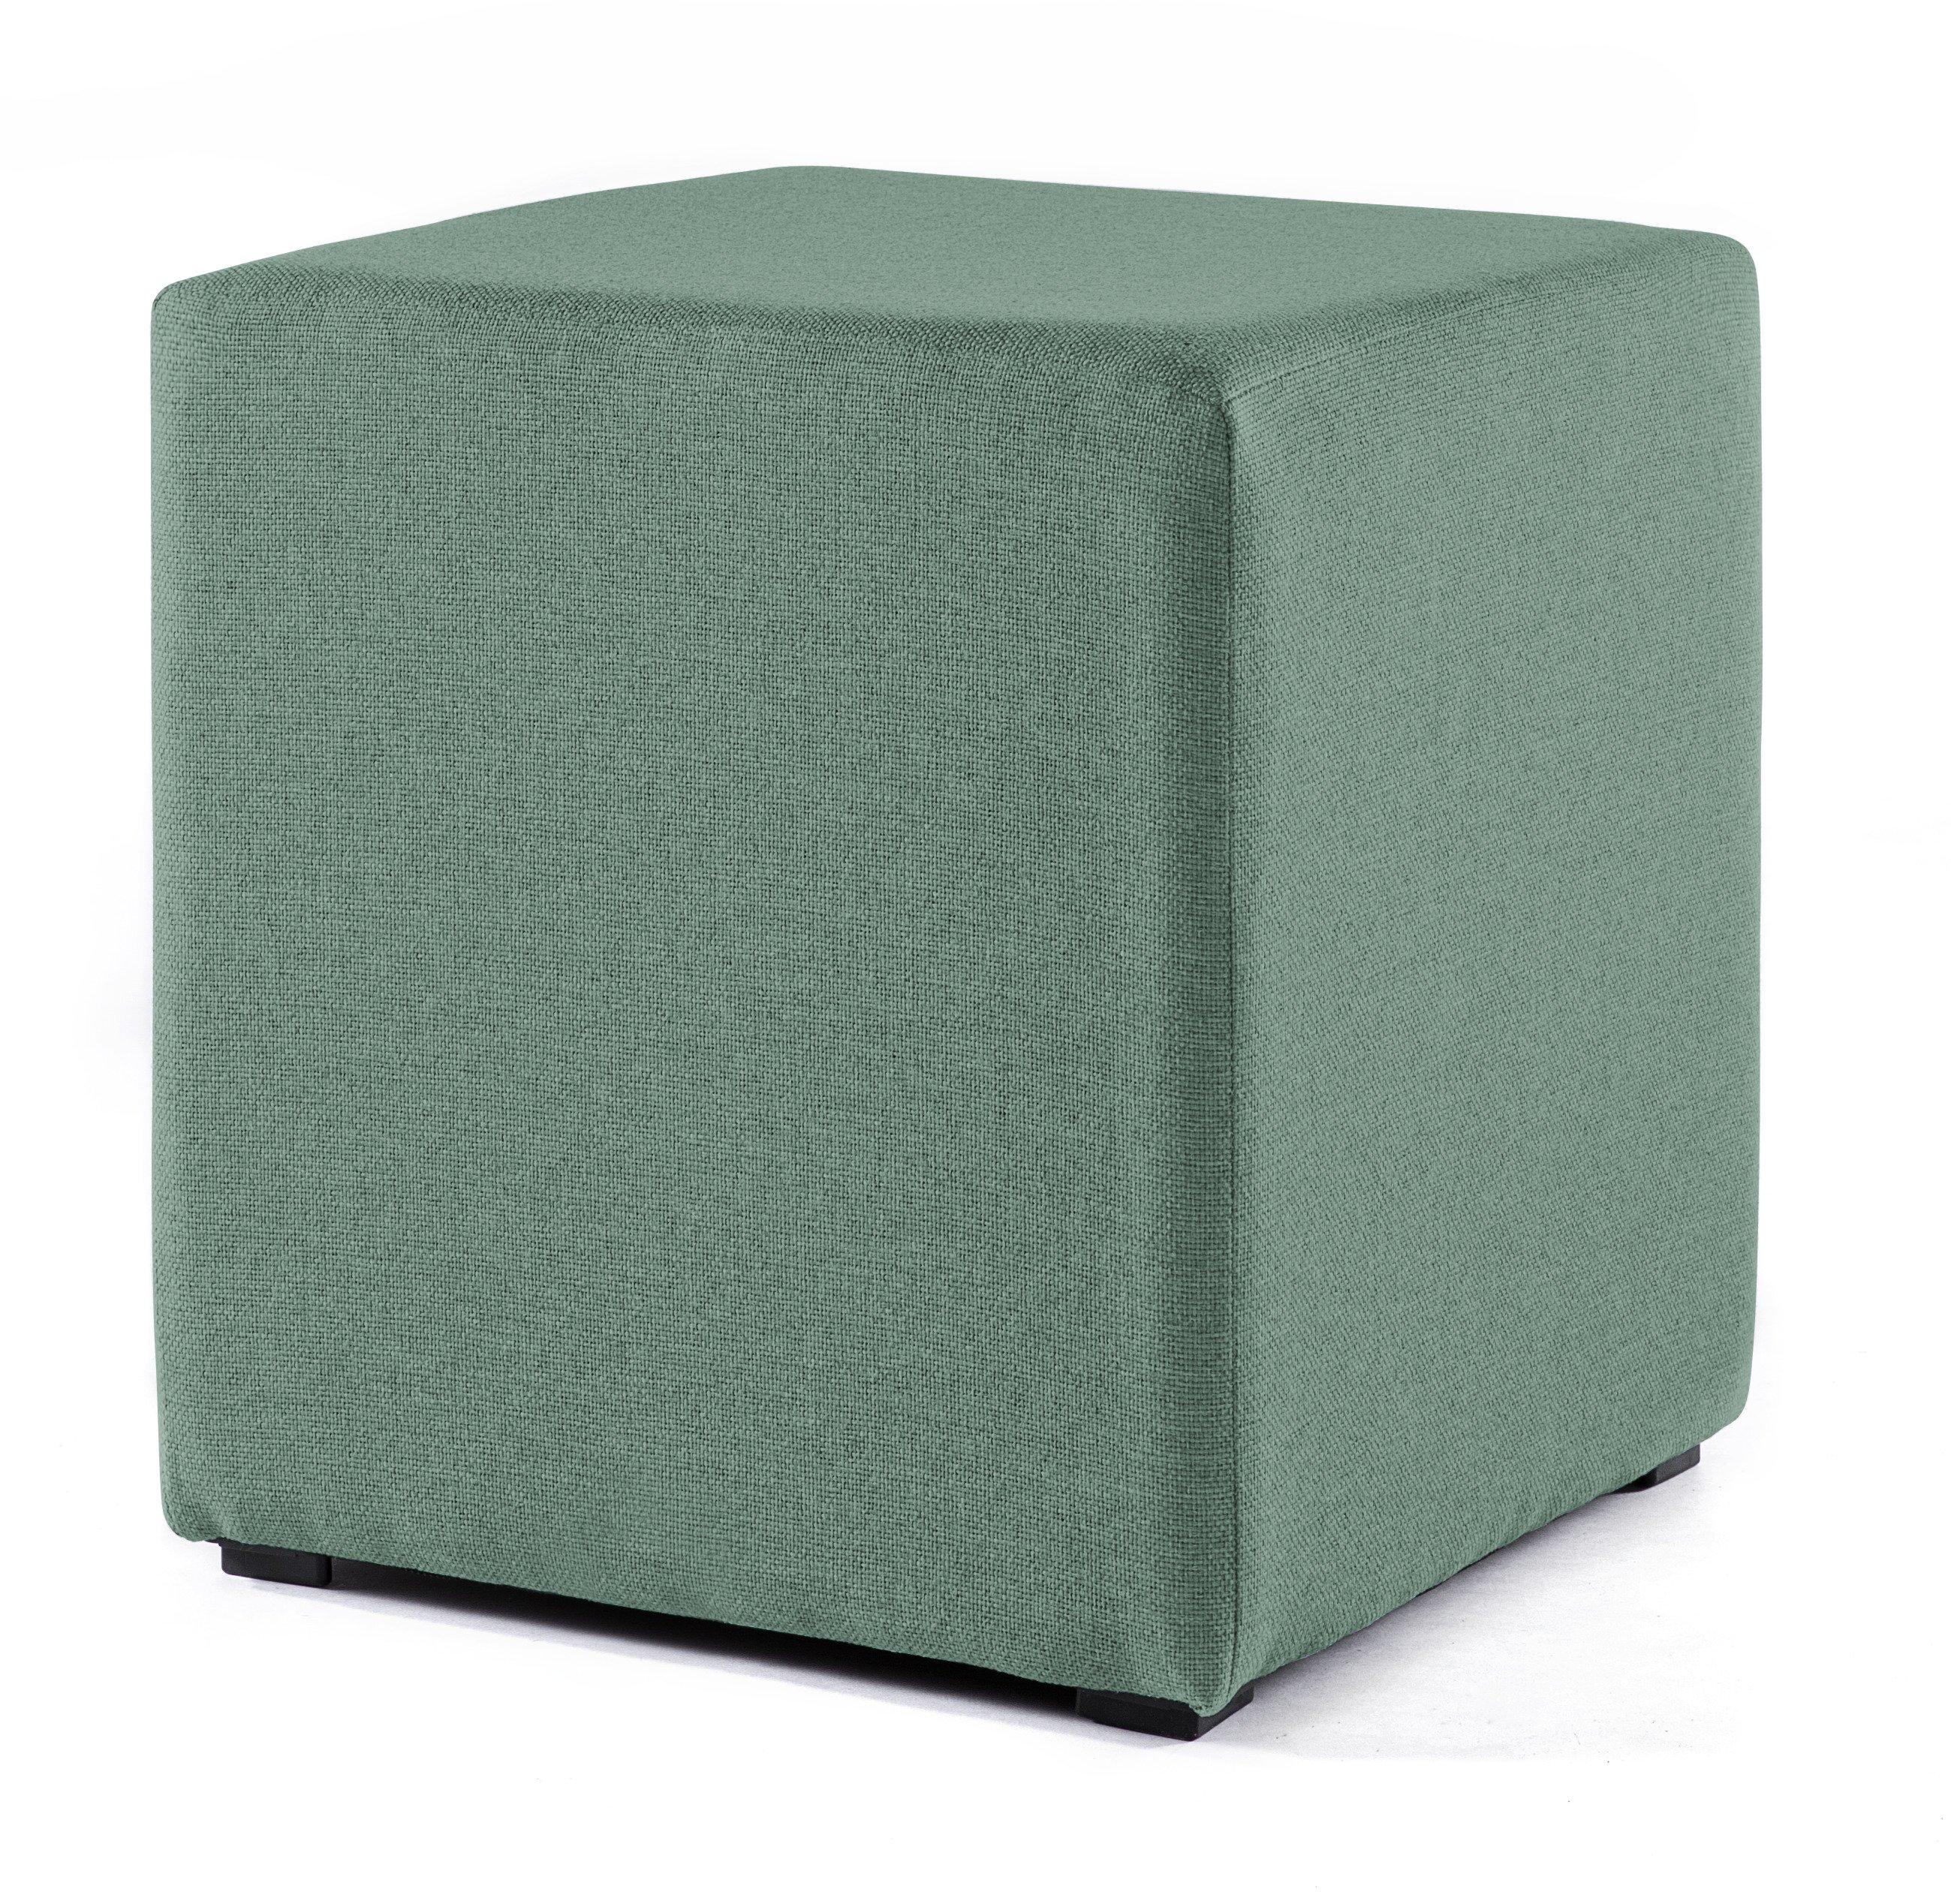 Hocker Torino Sessel Kunstfaser (Chemiefaser),Kunststoff,Kunststoff/Polypropylen (PP),Stoff